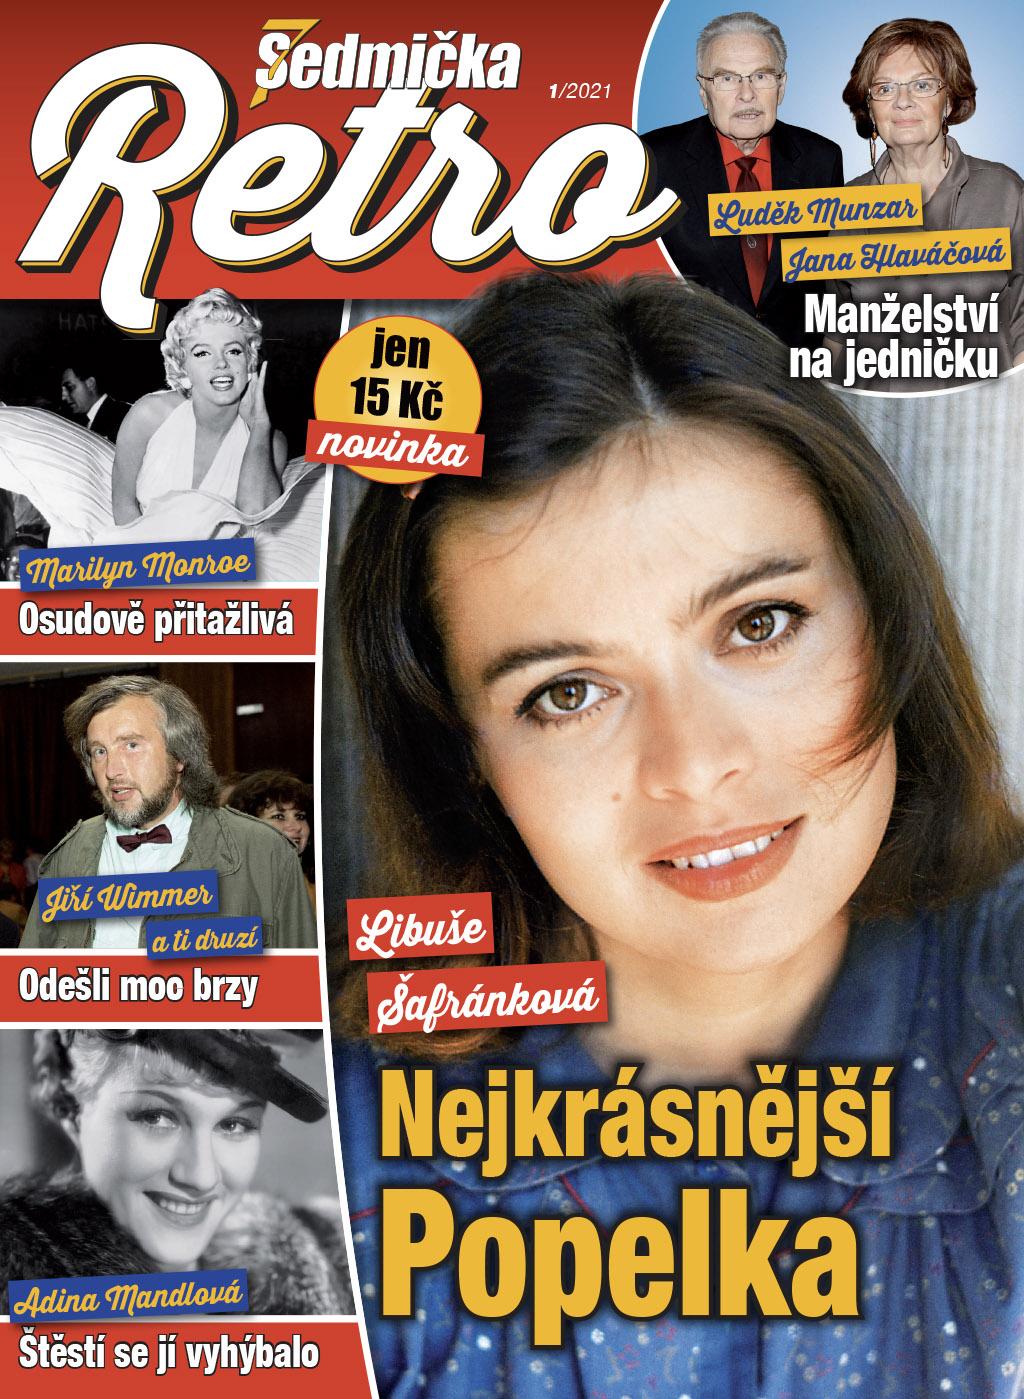 Titulní strana prvního vydání časopisu Sedmička Retro